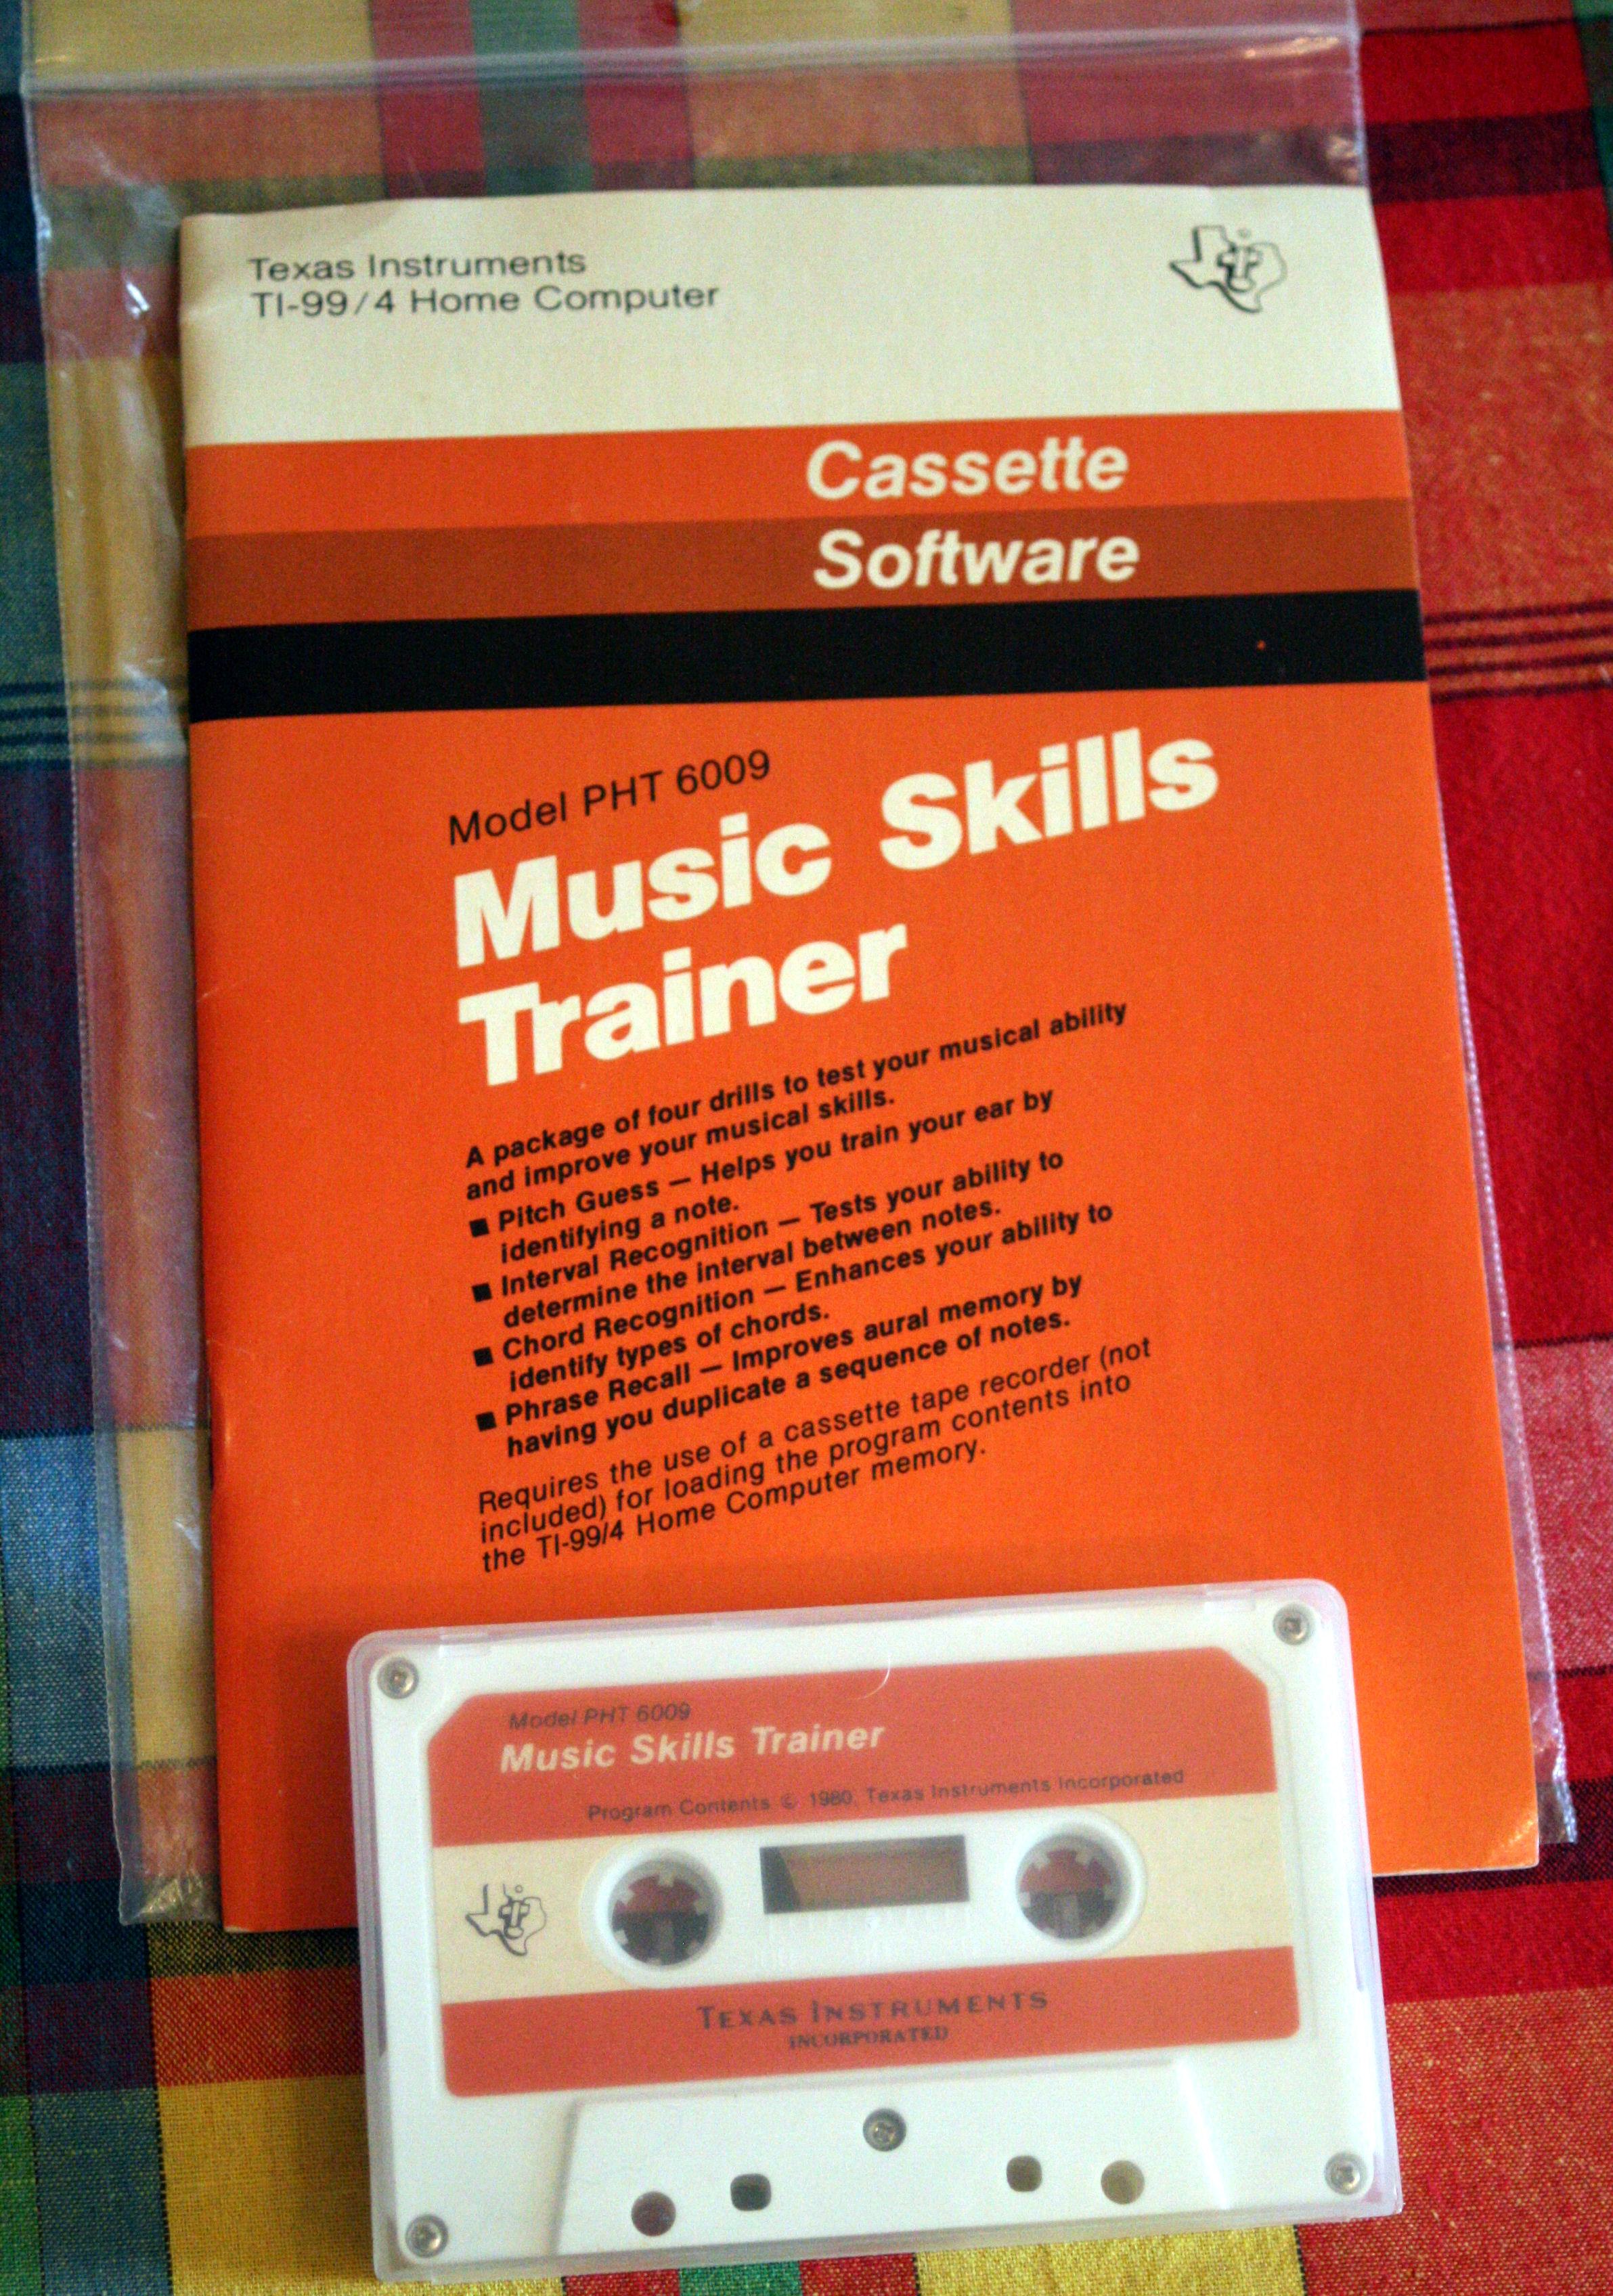 Music Skills Trainer